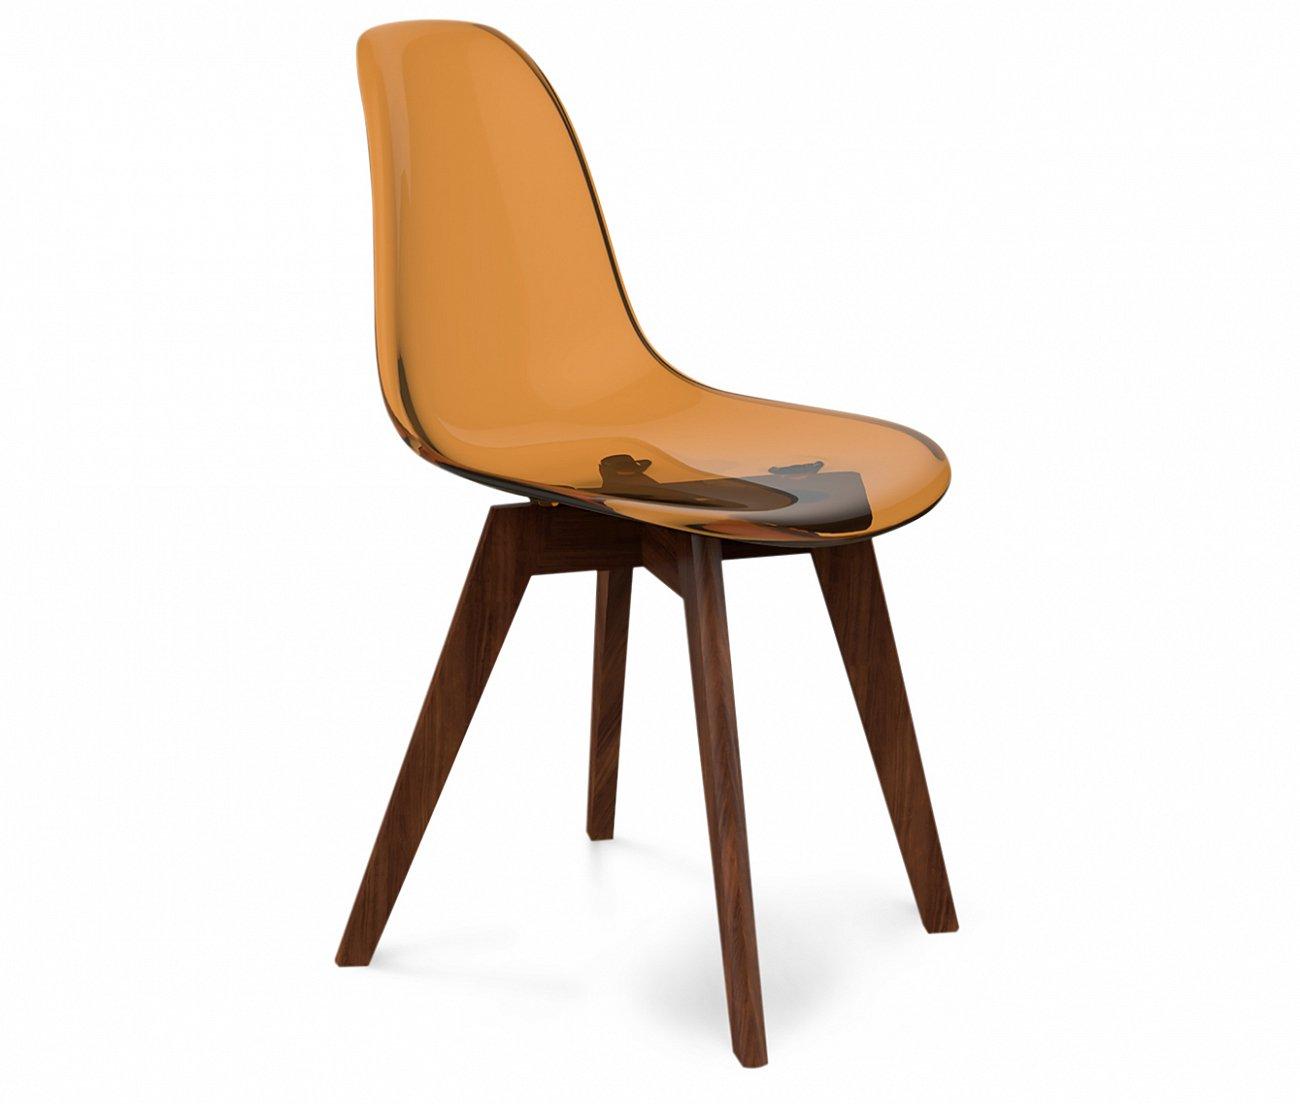 Купить Стул DSW кофейный S39 в интернет магазине дизайнерской мебели и аксессуаров для дома и дачи